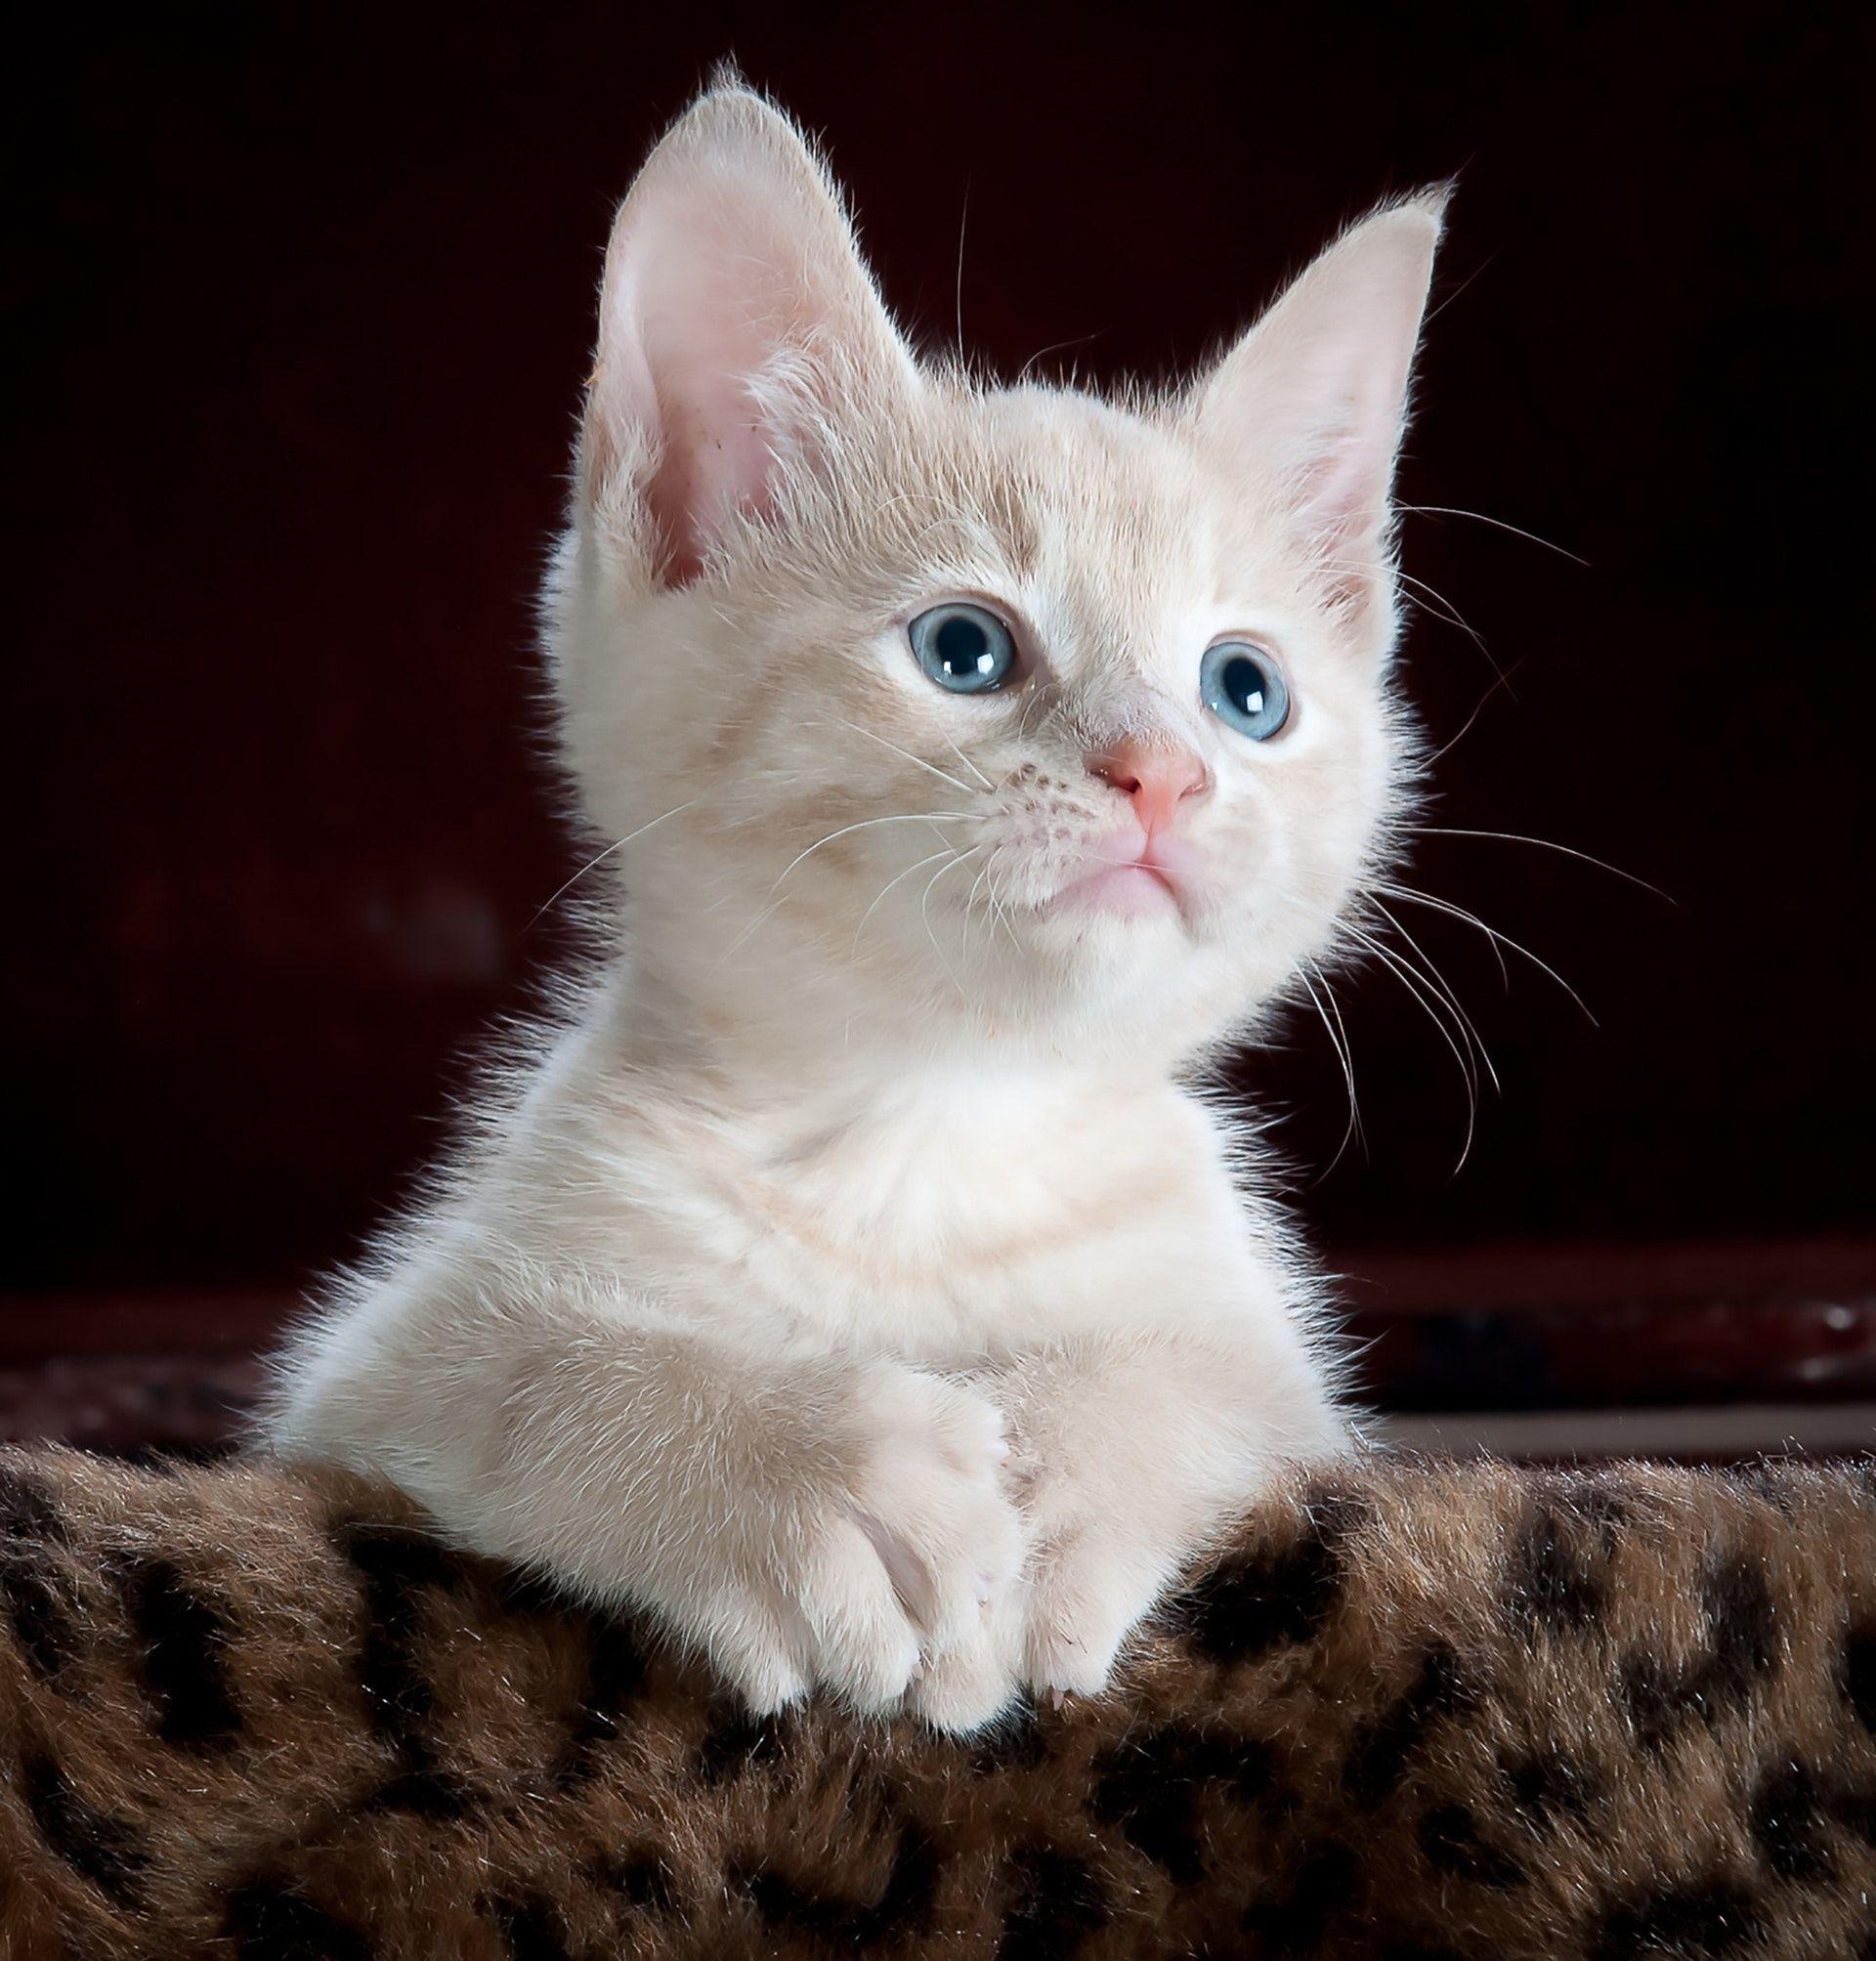 عکس زمینه بچه گربه سفید و خاکستری پس زمینه